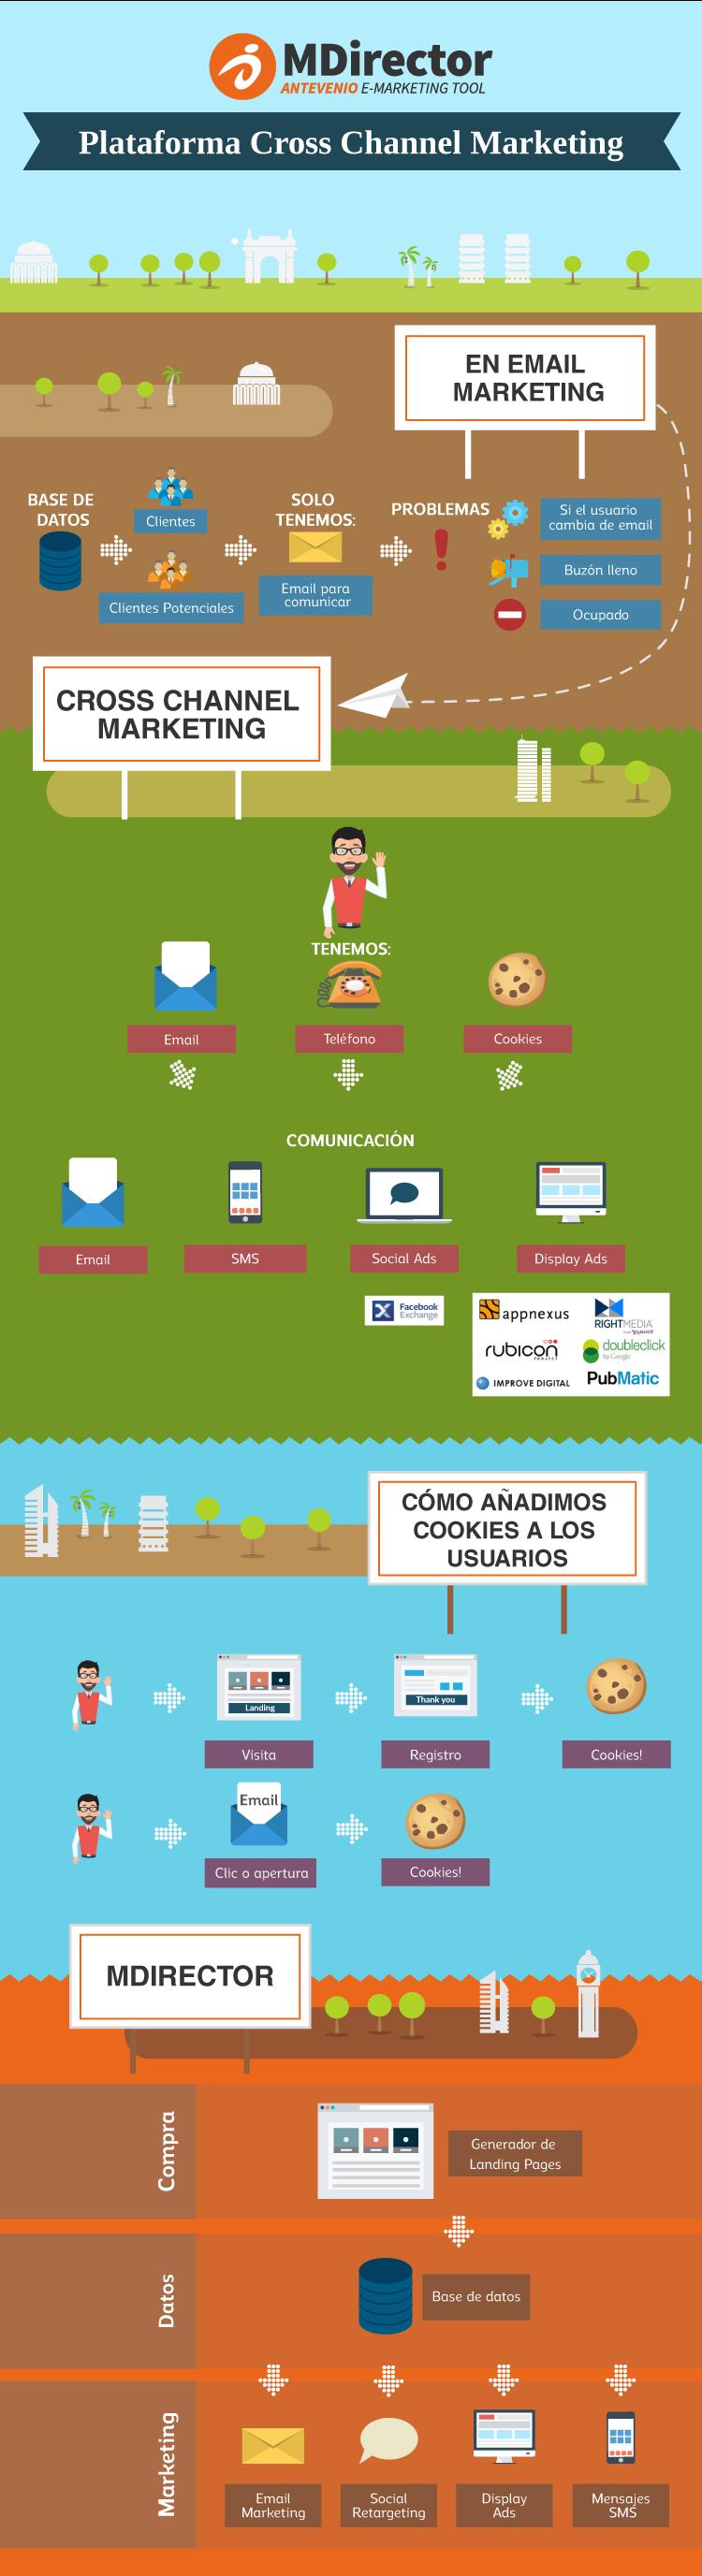 infografía sobre la plataforma de cross-channel marketing de MDirector